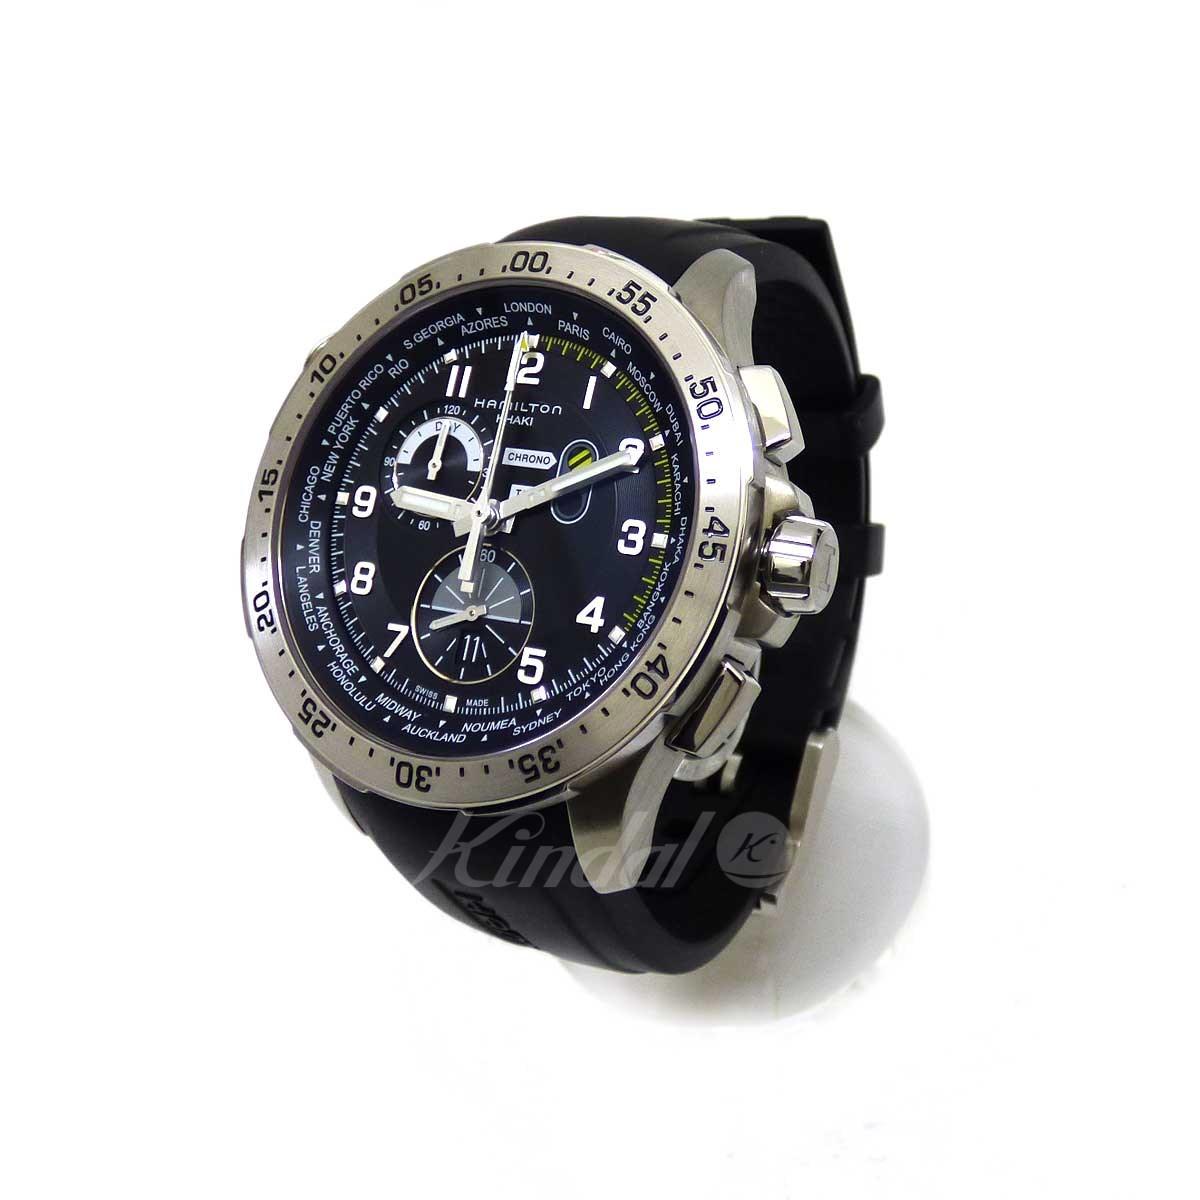 【中古】HAMILTON カーキアビエーション ワールドタイマークロノグロフ クォーツ 腕時計 【送料無料】 【202935】 【KT1636】 【返品不可】